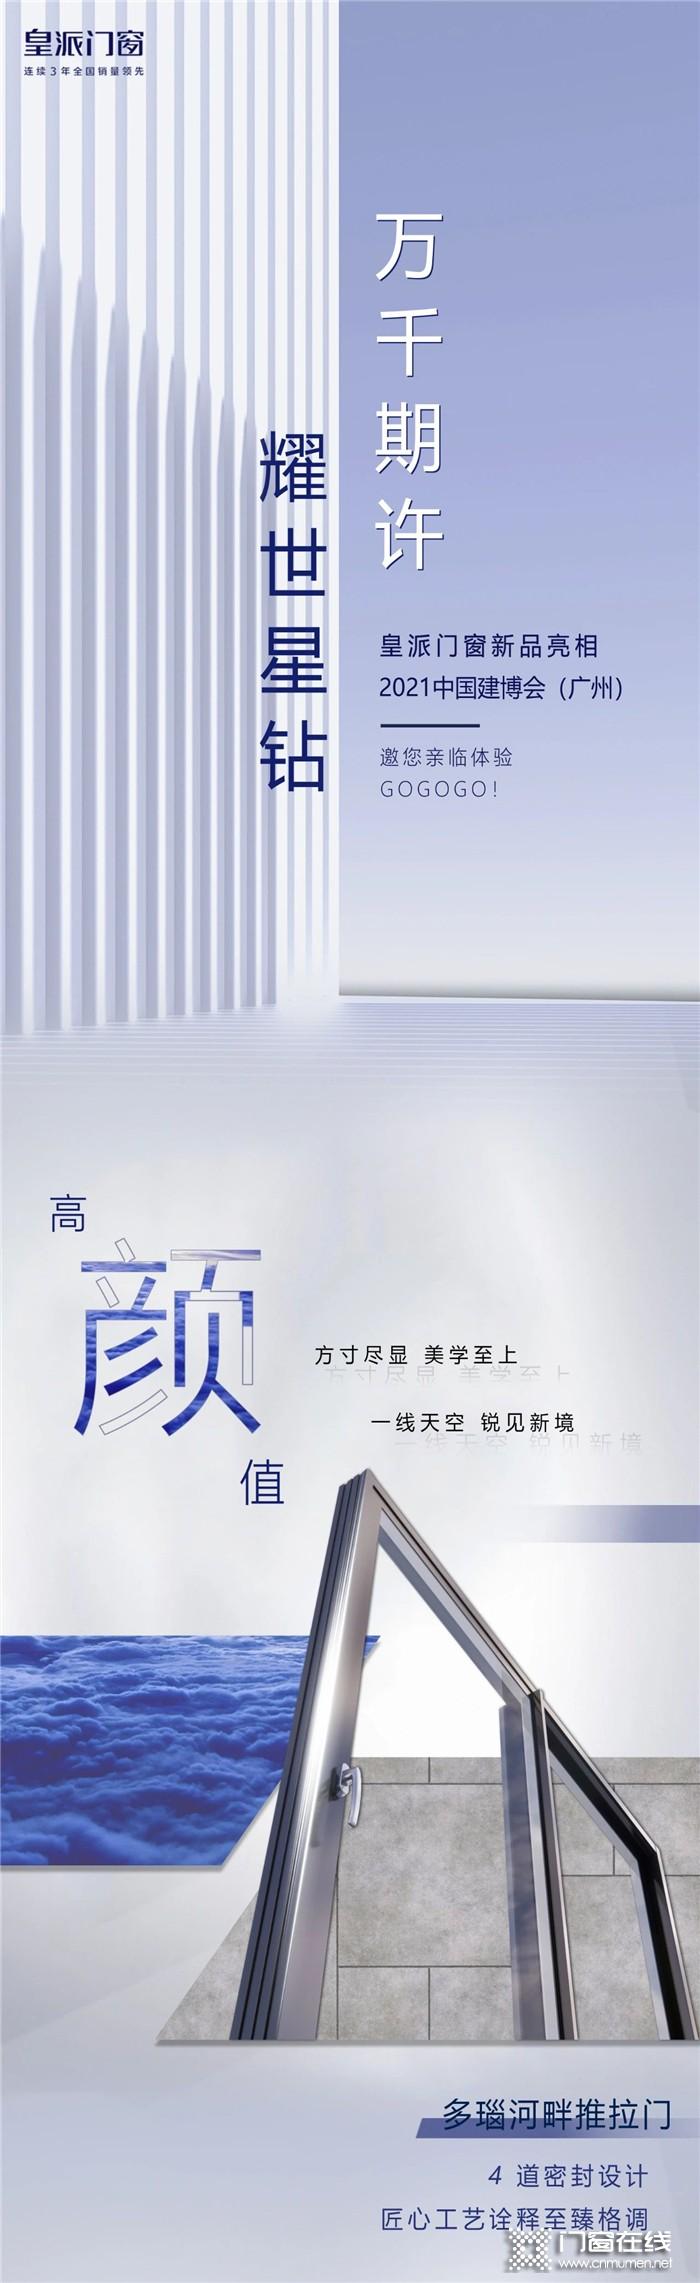 王炸! 皇派门窗新品惊艳亮相,引爆中国建博会(广州)打卡热潮